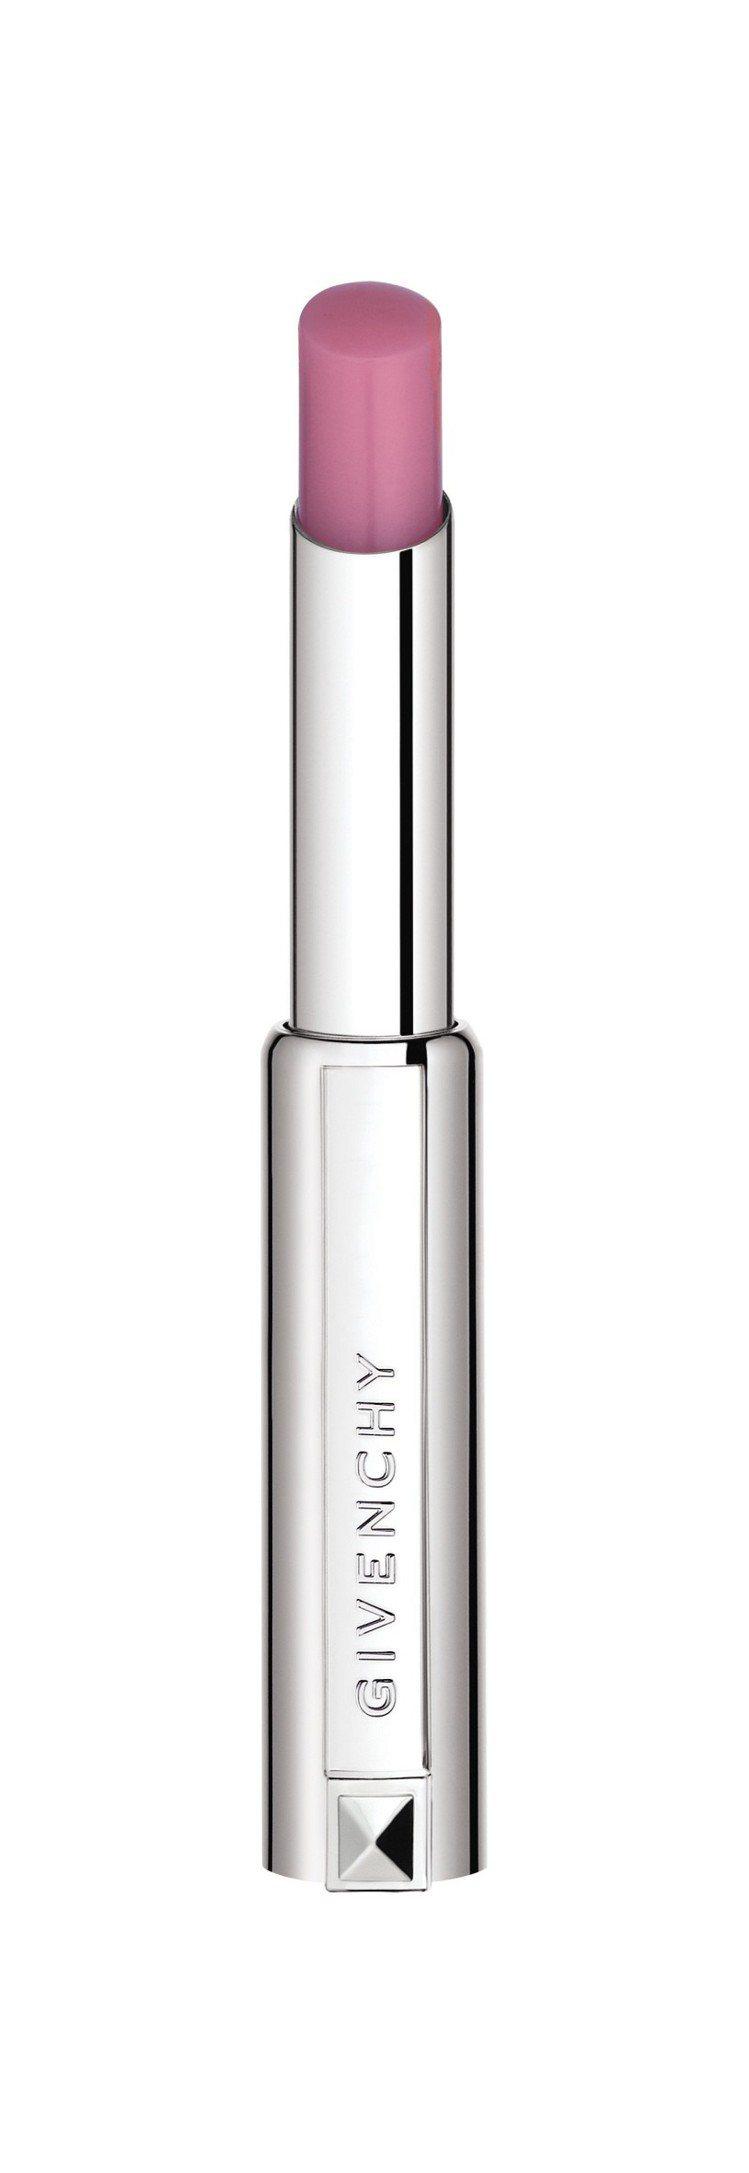 紀梵希香吻誘惑潤色修護美唇膏#02漿果粉。圖/紀梵希提供